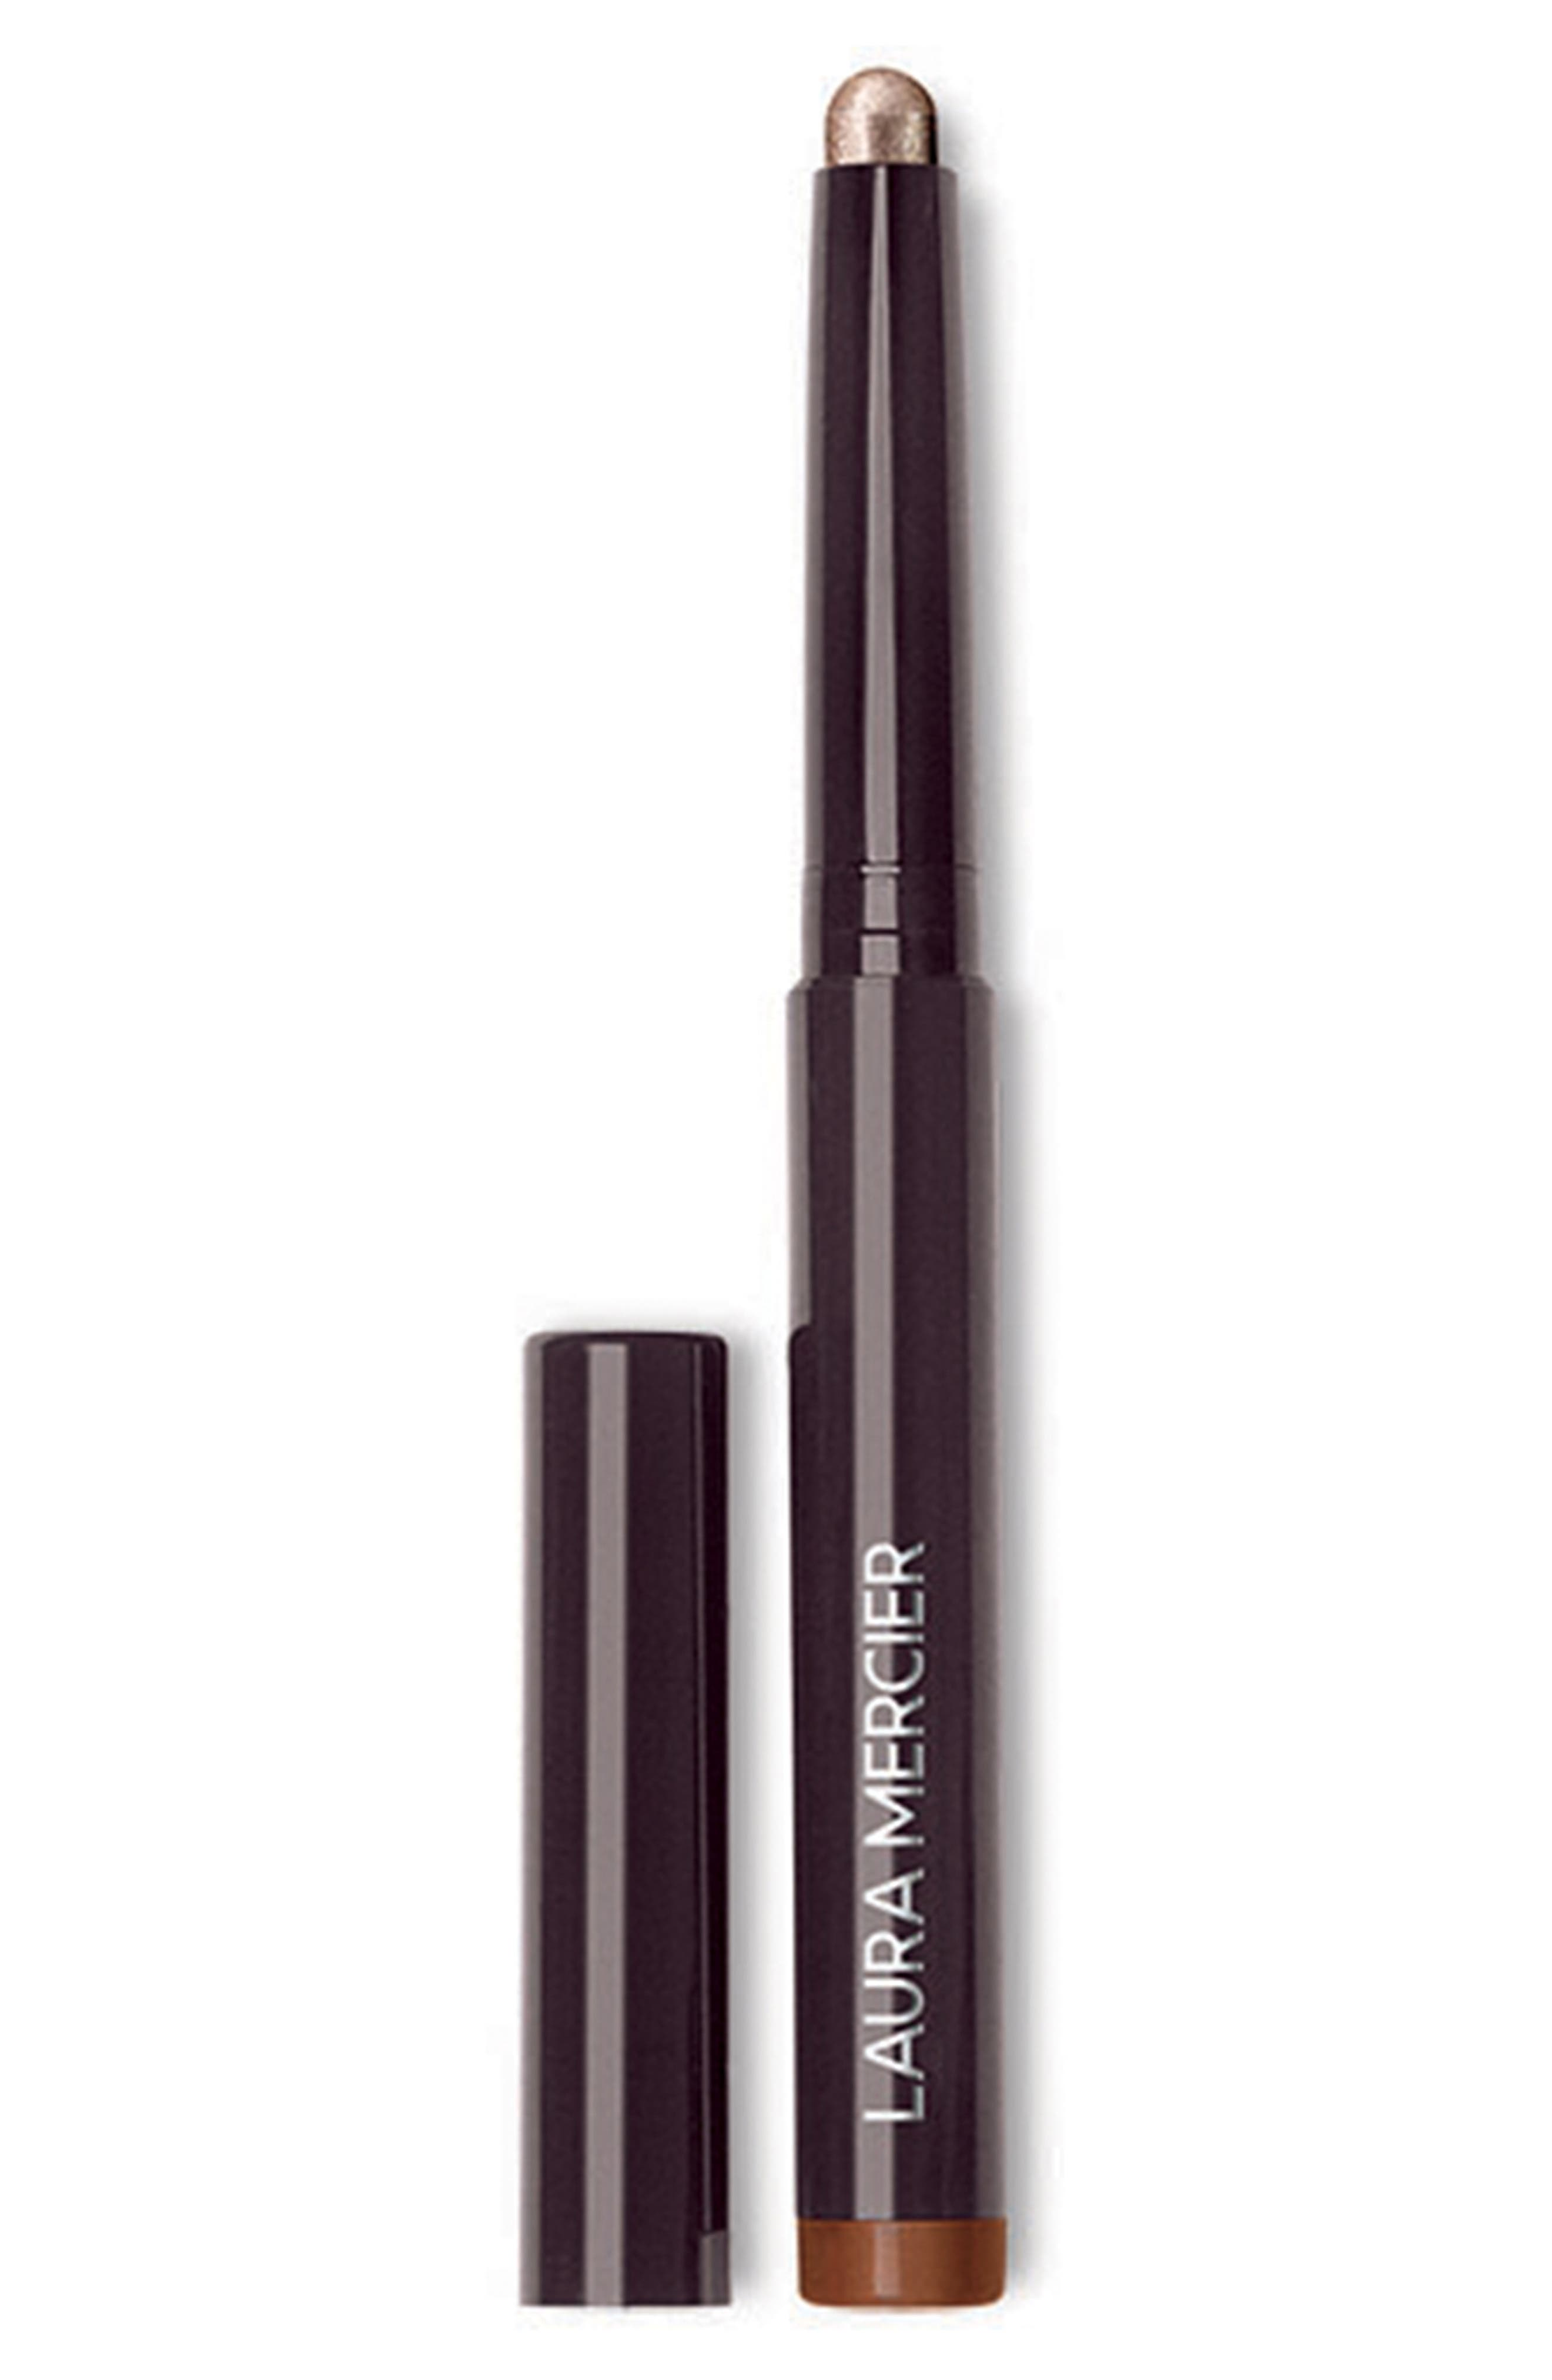 Chrome Caviar Stick Eyeshadow